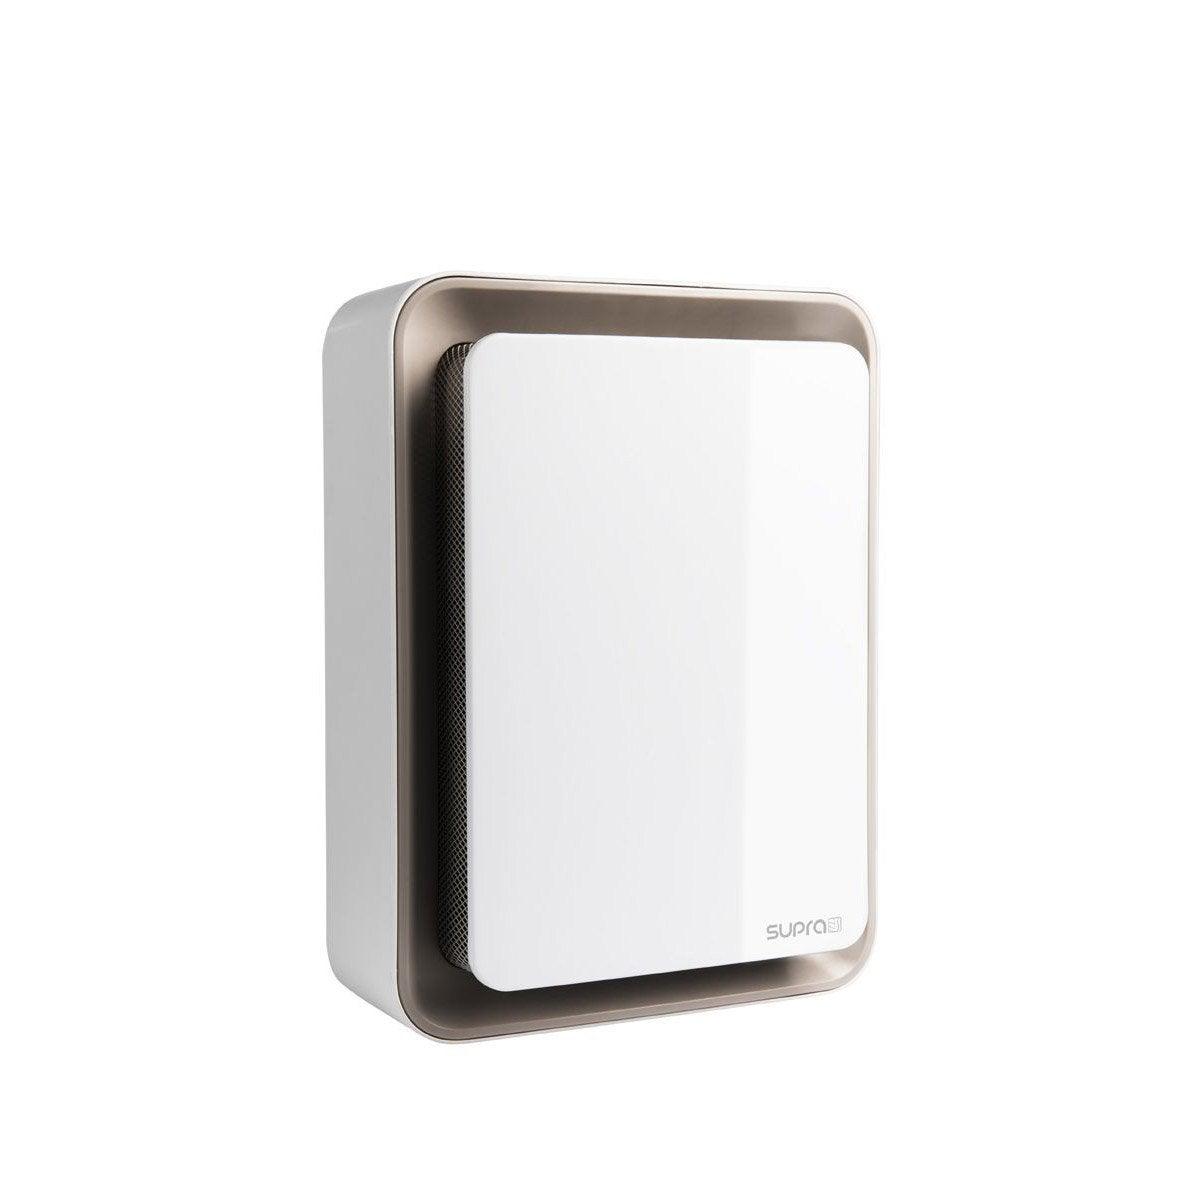 Radiateur soufflant lectrique supra zitto 11 blanc taupe for Chauffage d appoint pour salle de bain